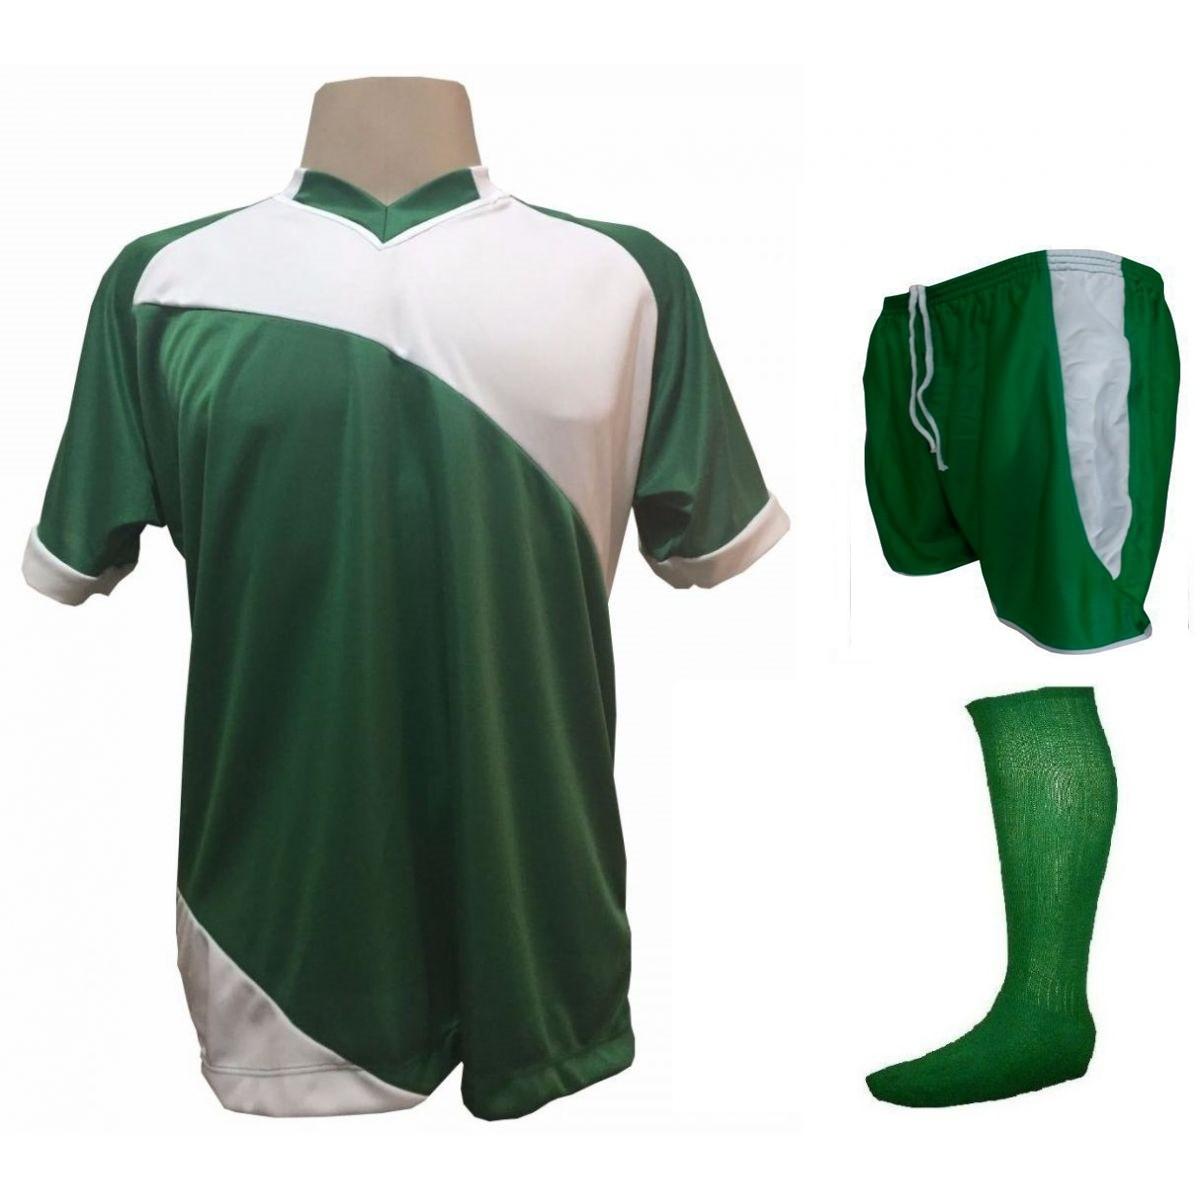 Fardamento Completo modelo Bélgica 20+1 (20 camisas Verde/Branco + 20 calções modelo Copa Verde/Branco + 20 pares de meiões Verde + 1 conjunto de goleiro) + Brindes